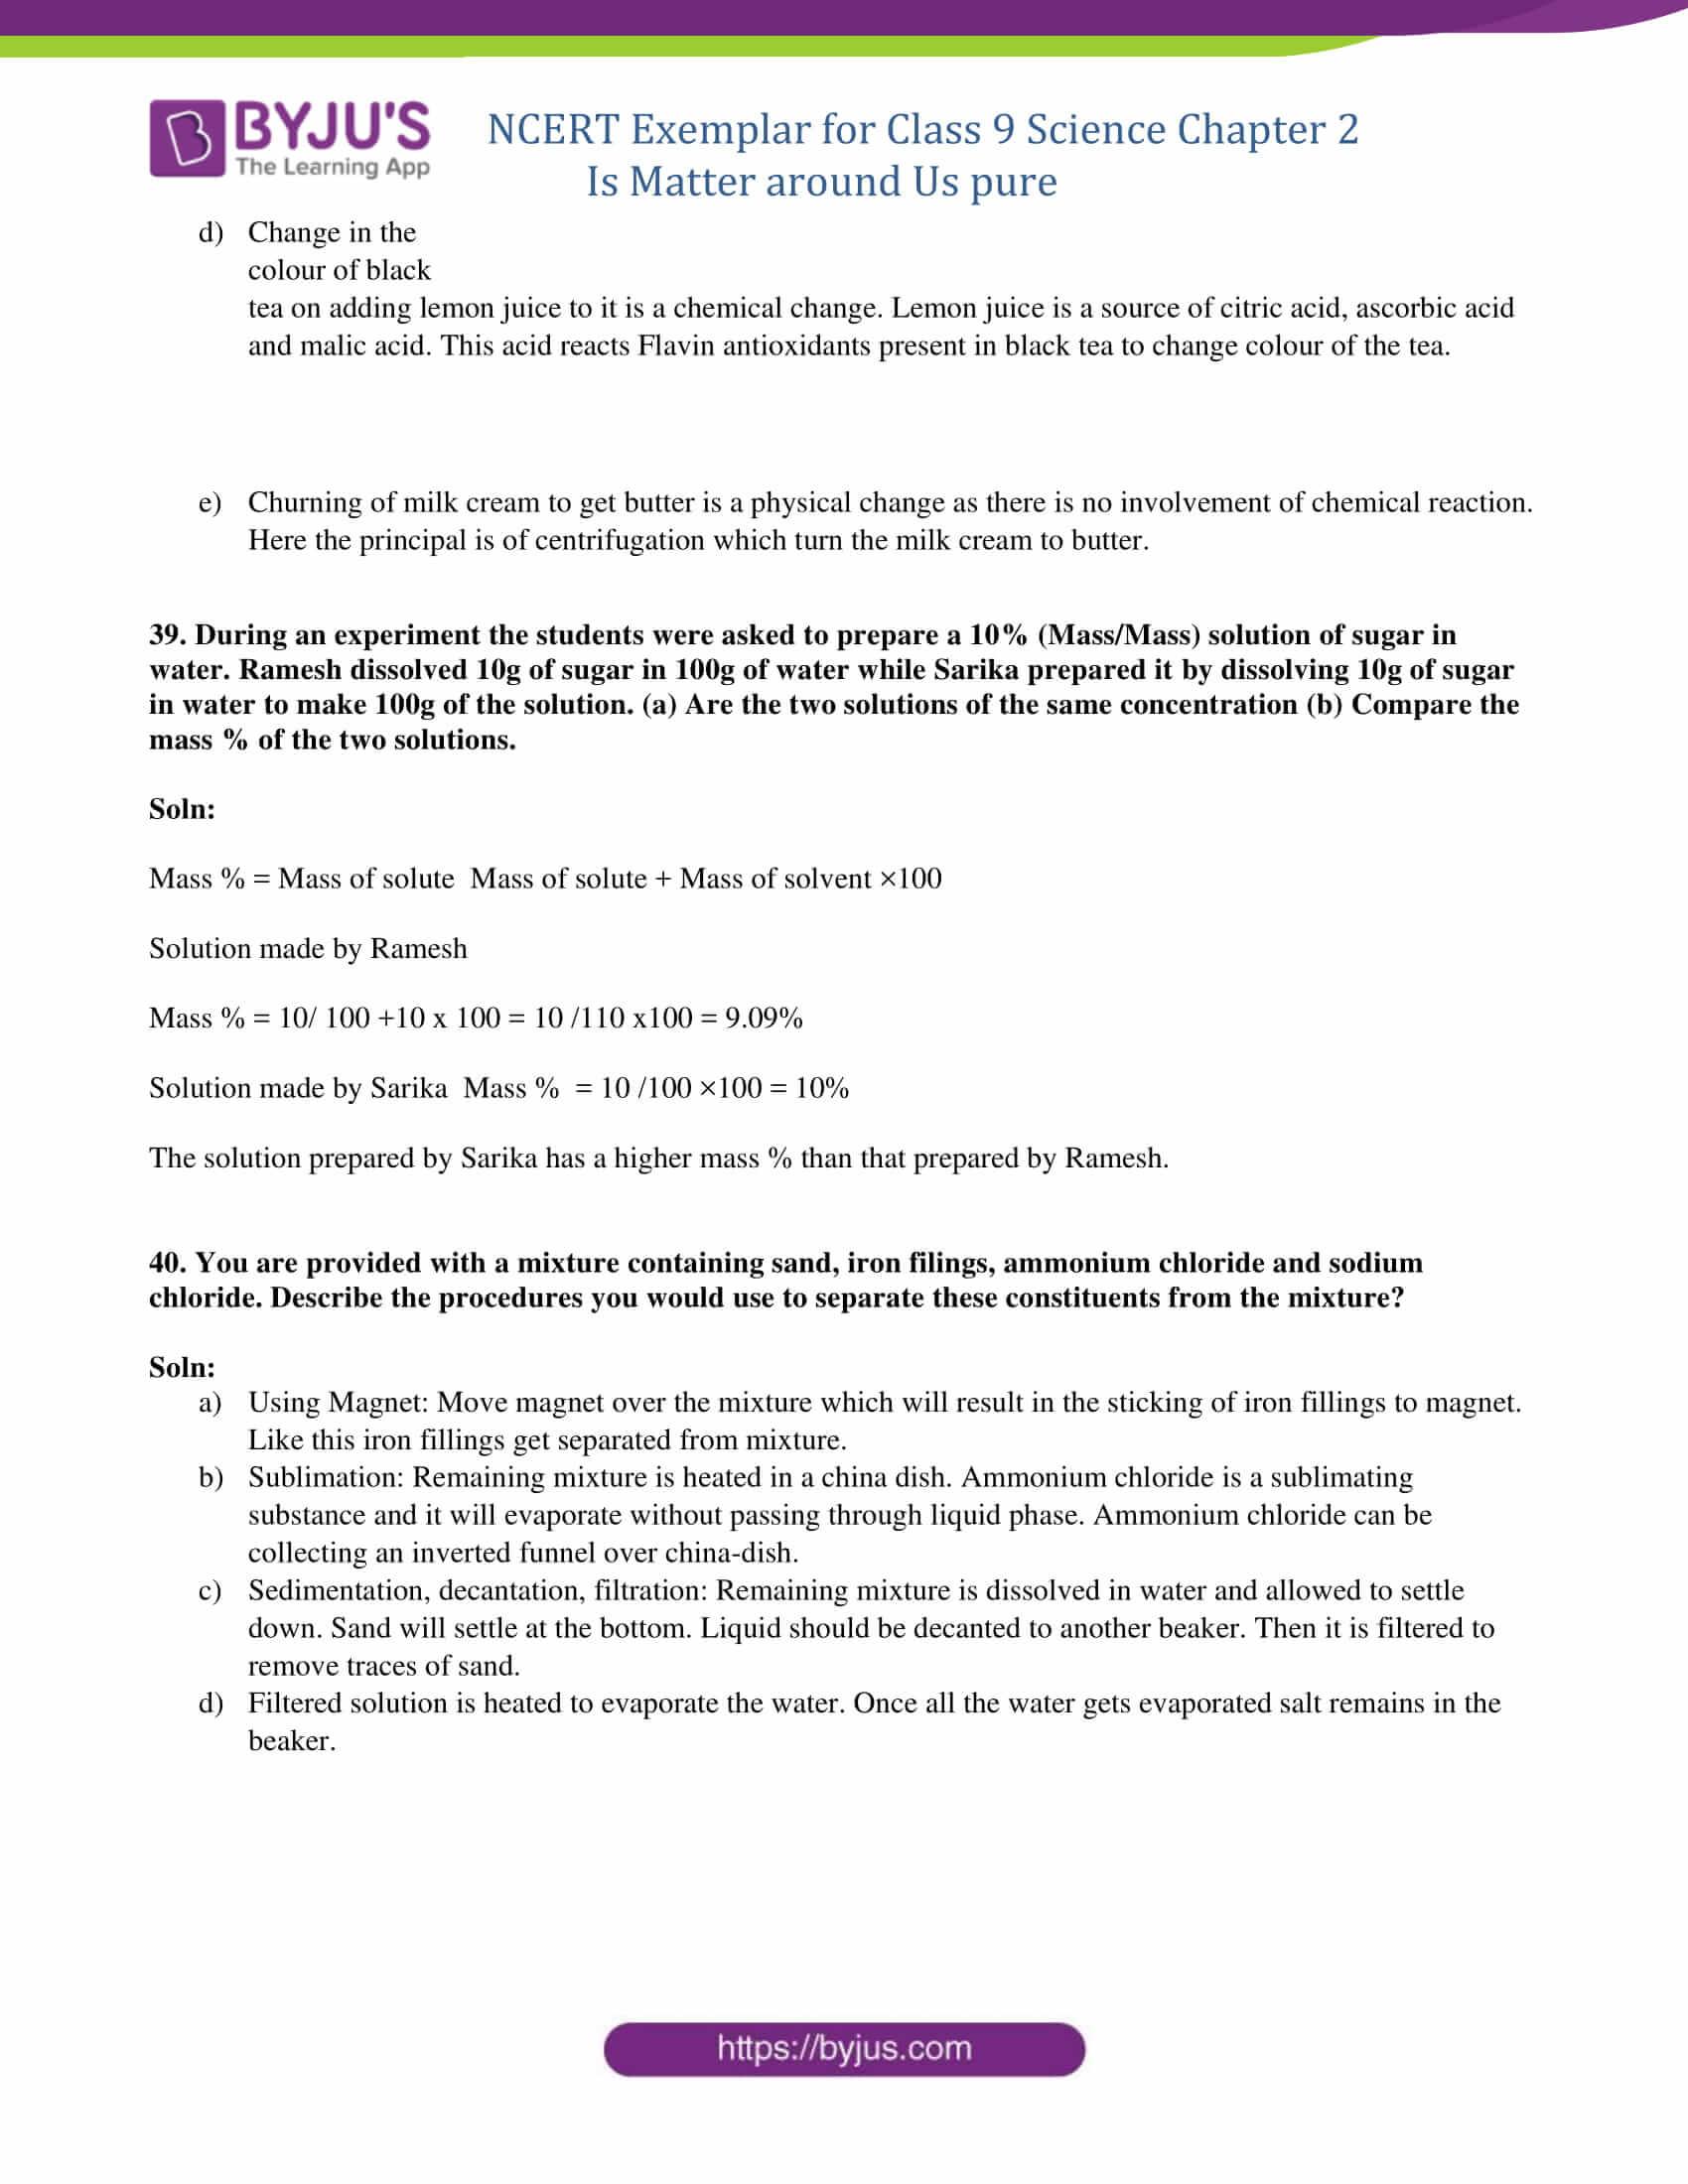 NCERT Exemplar solution class 9 Chapter 2 Part 17